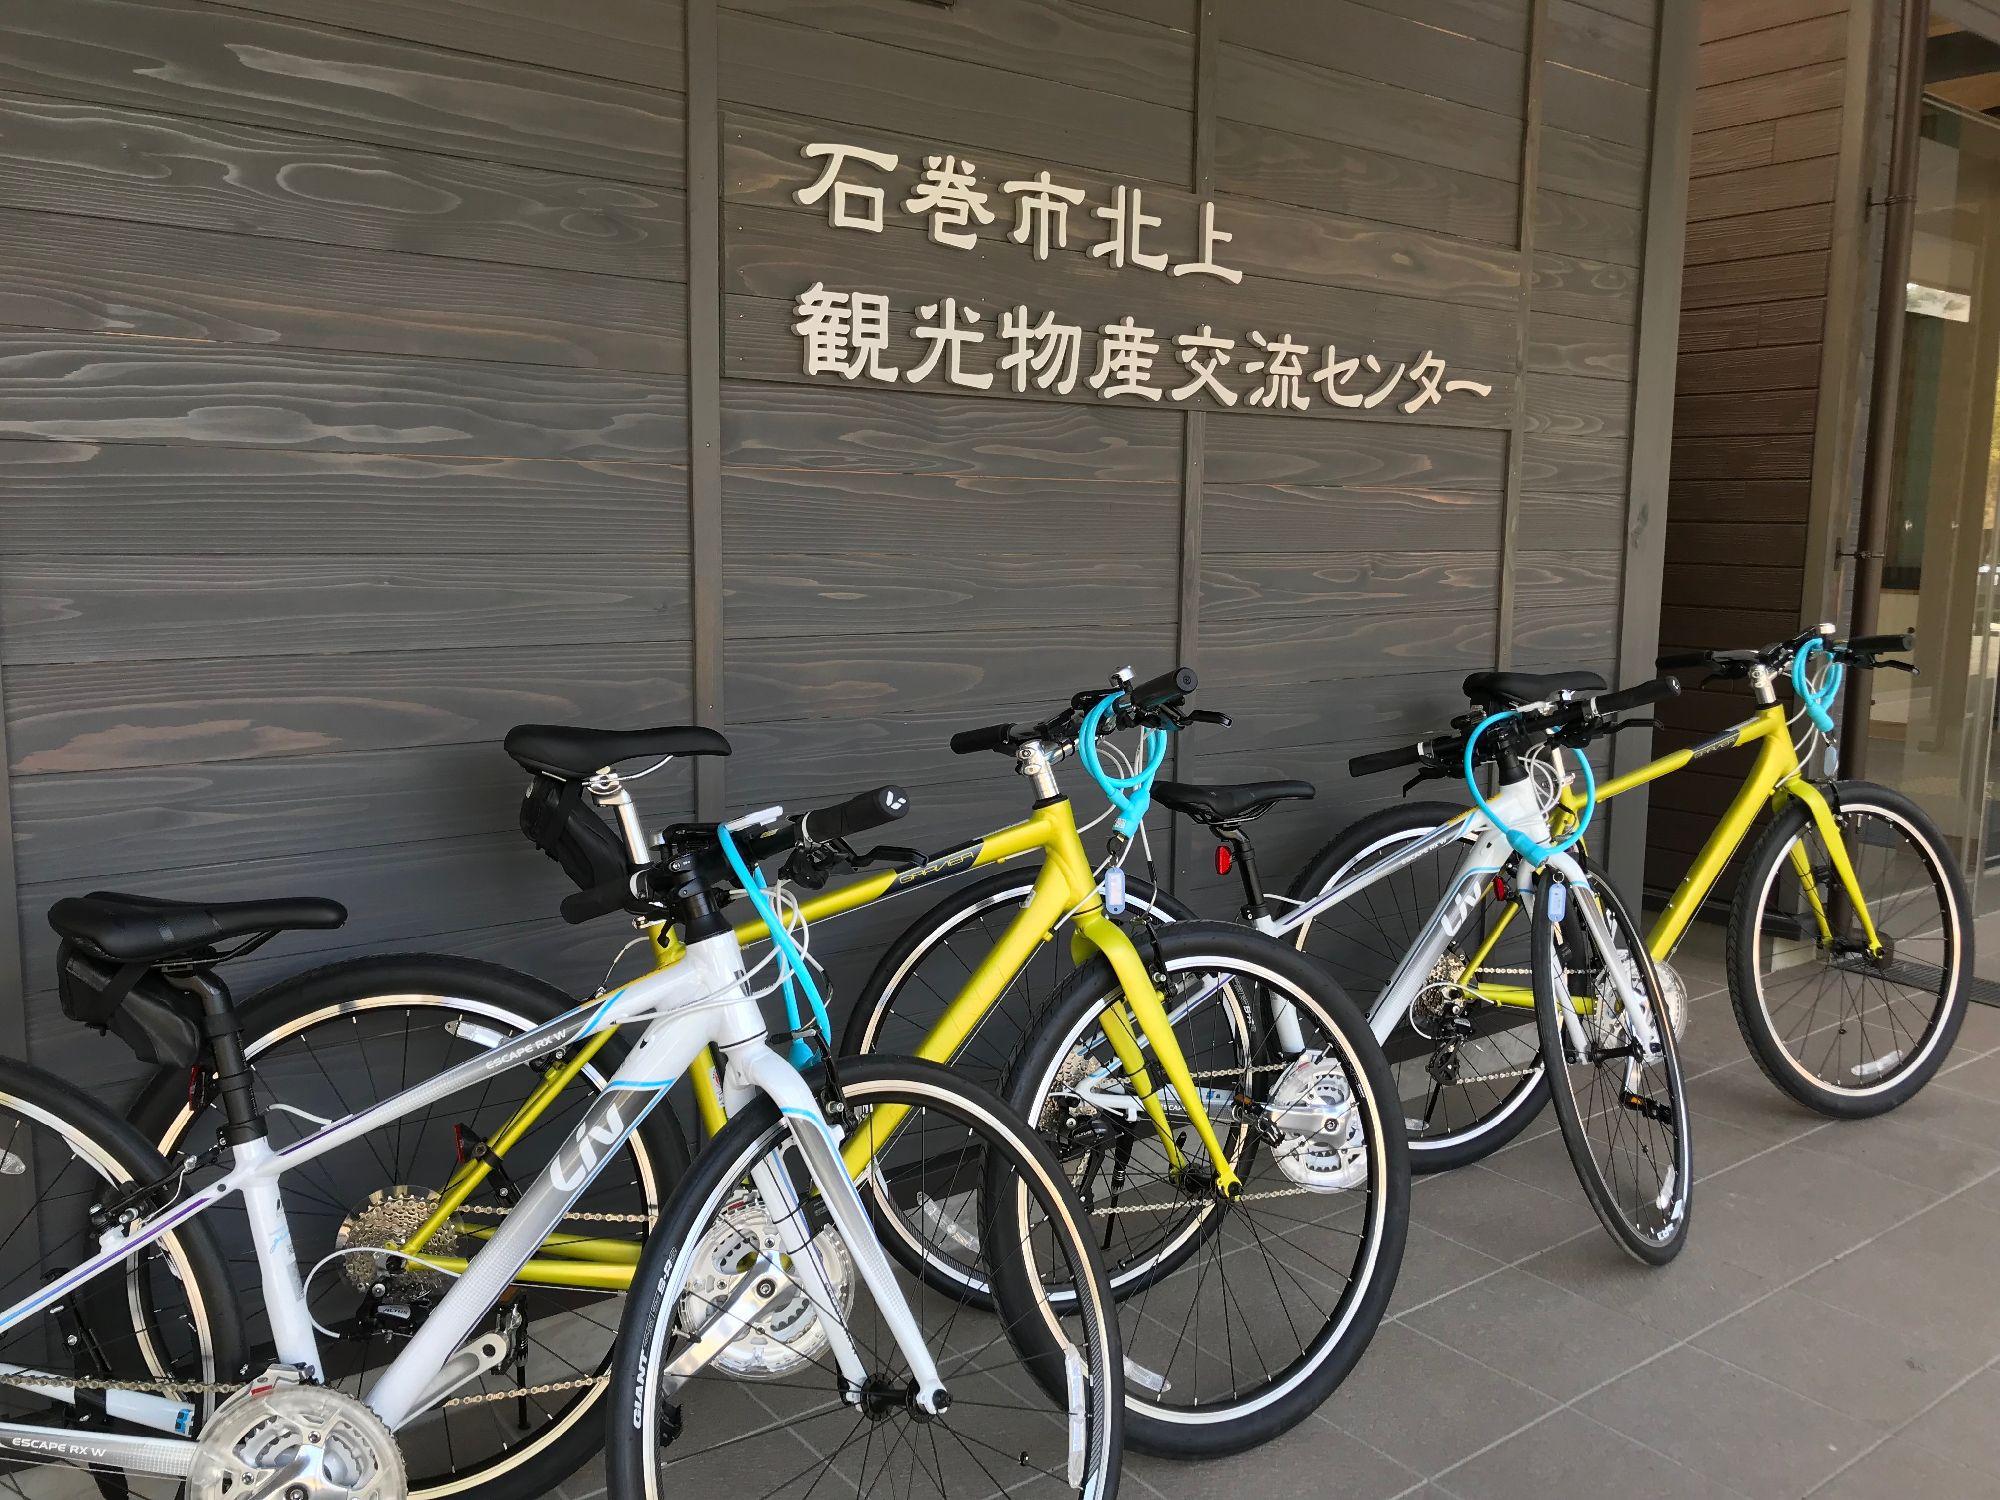 北上観光物産交流センター レンタサイクル【商品番号:80100】